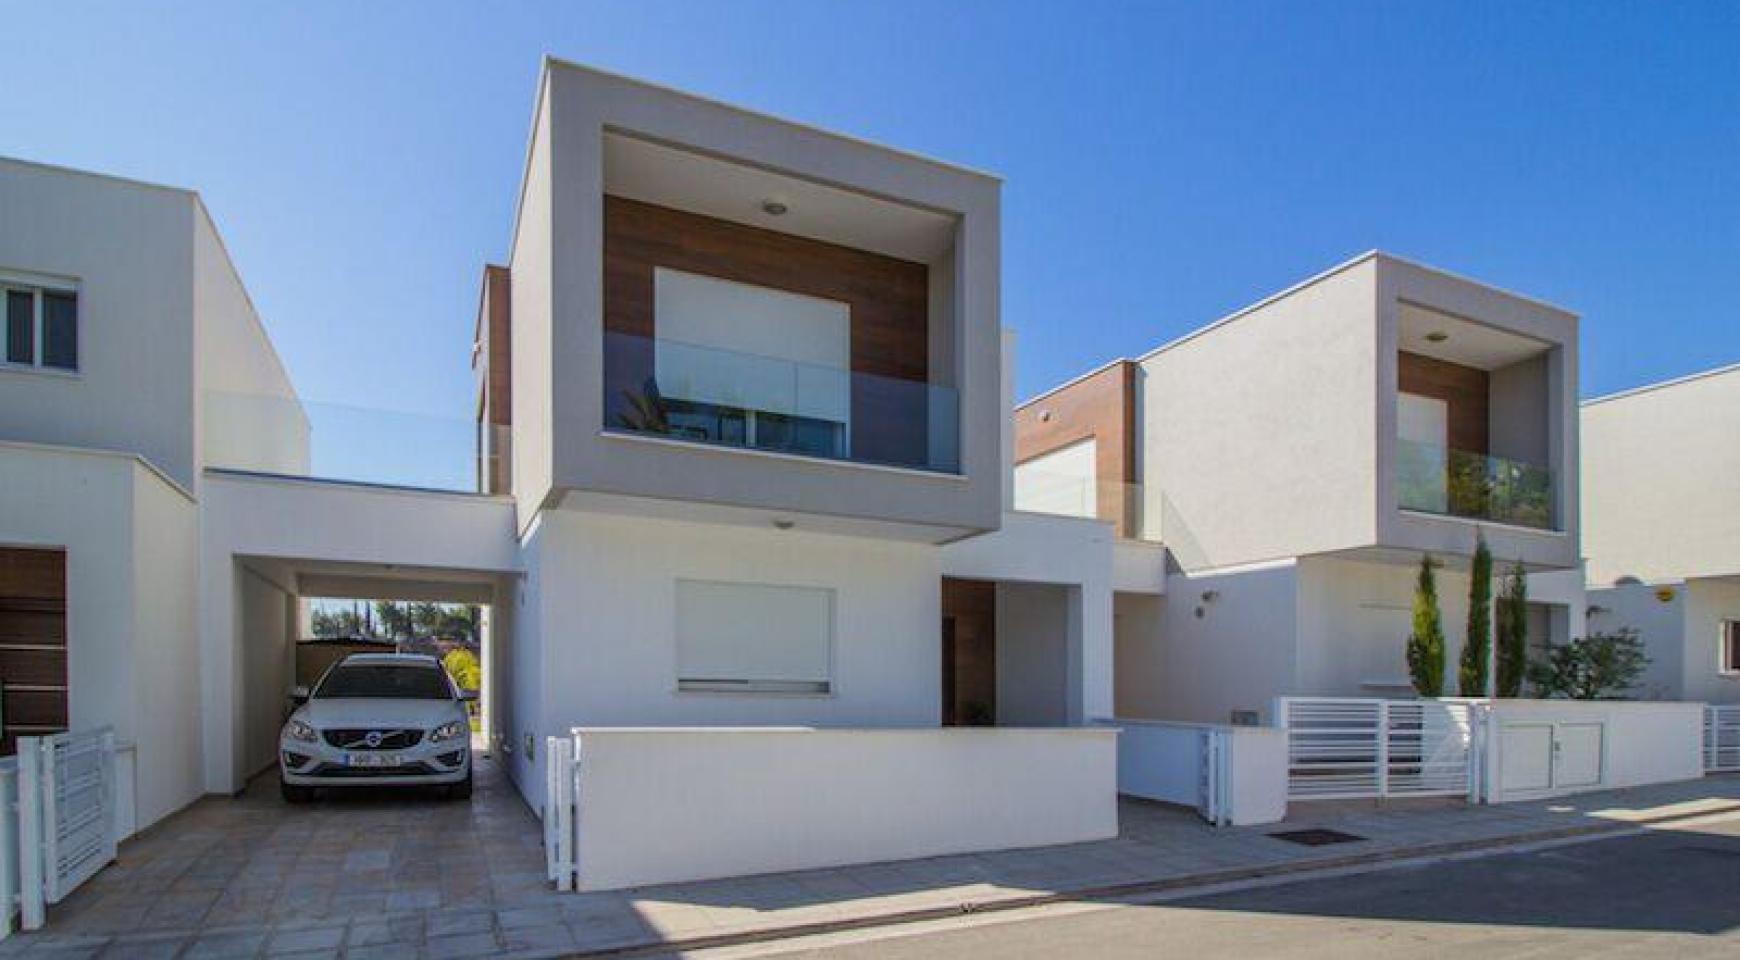 Αντίγραφο Αντίγραφο Αντίγραφο New 3 Bedroom Villa in Ipsonas Area - 1